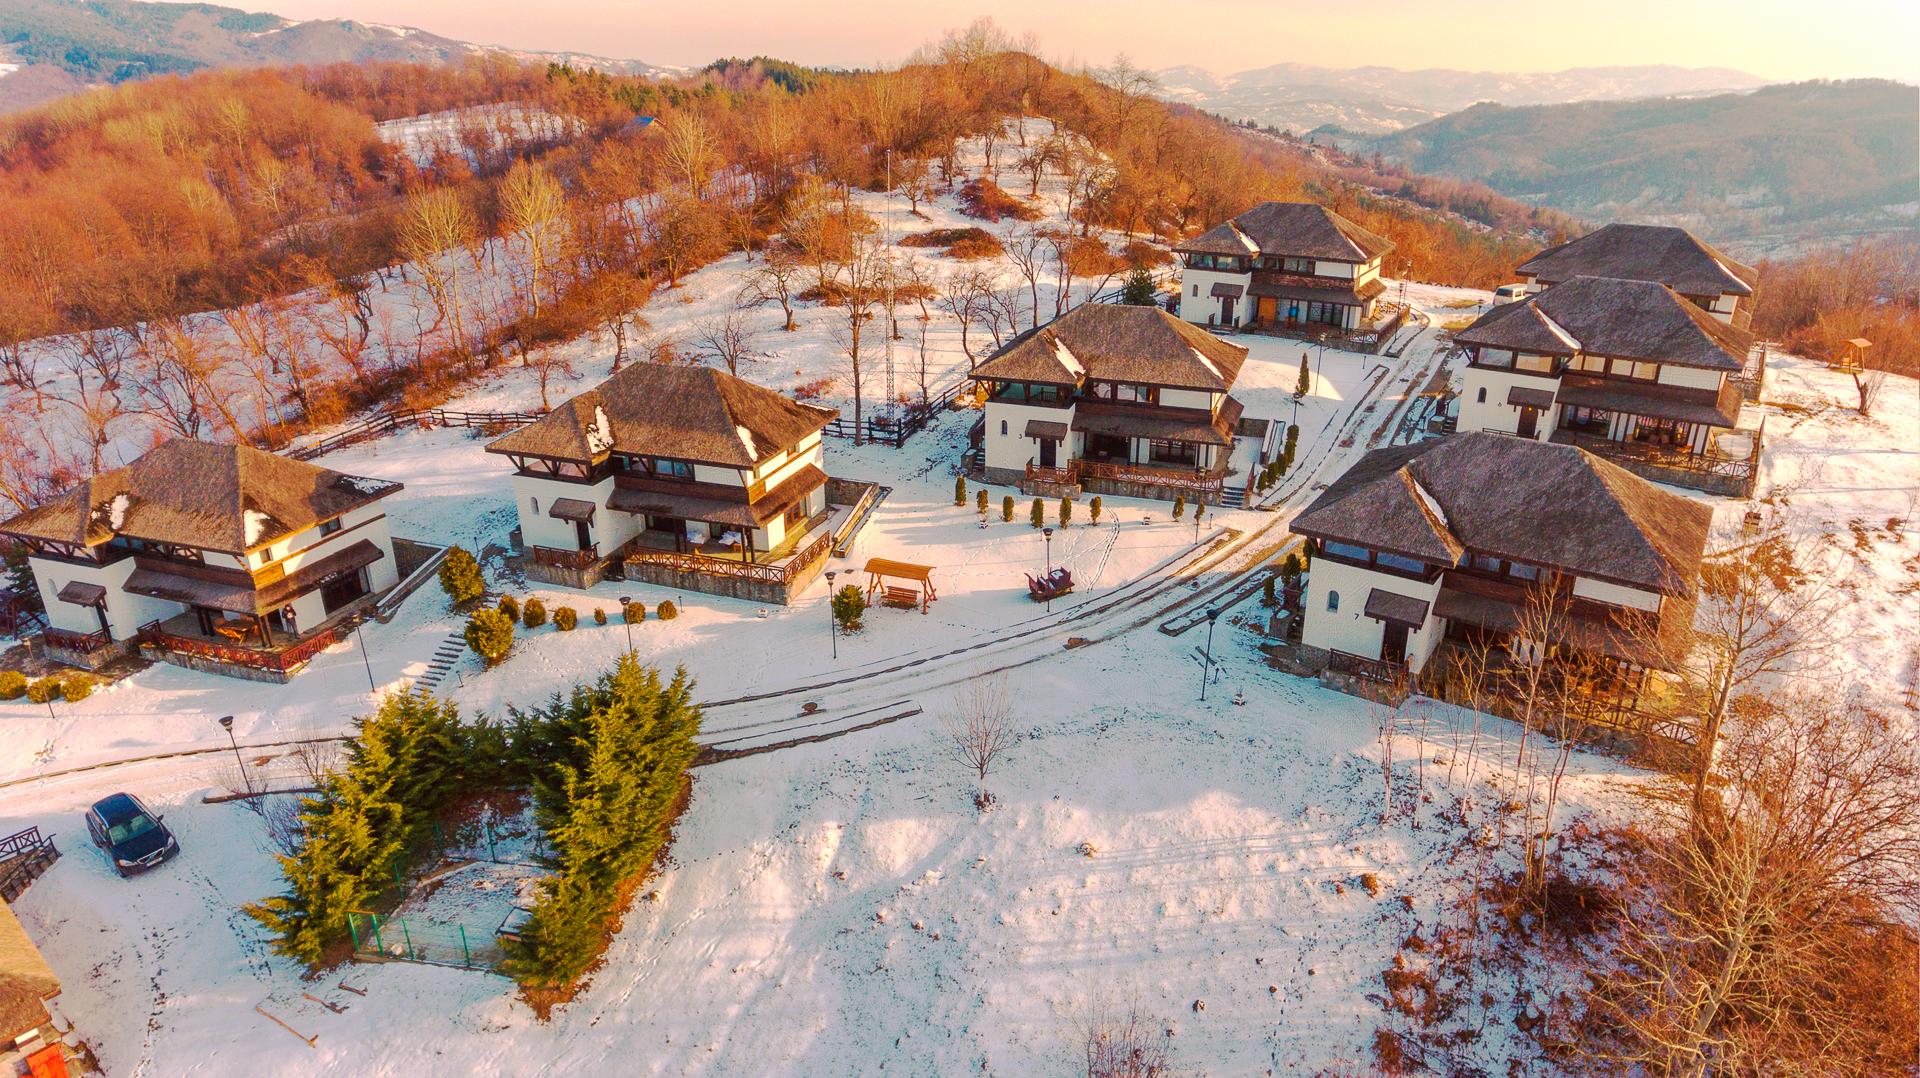 SatulPrunilor_Iarna_Exterior_006